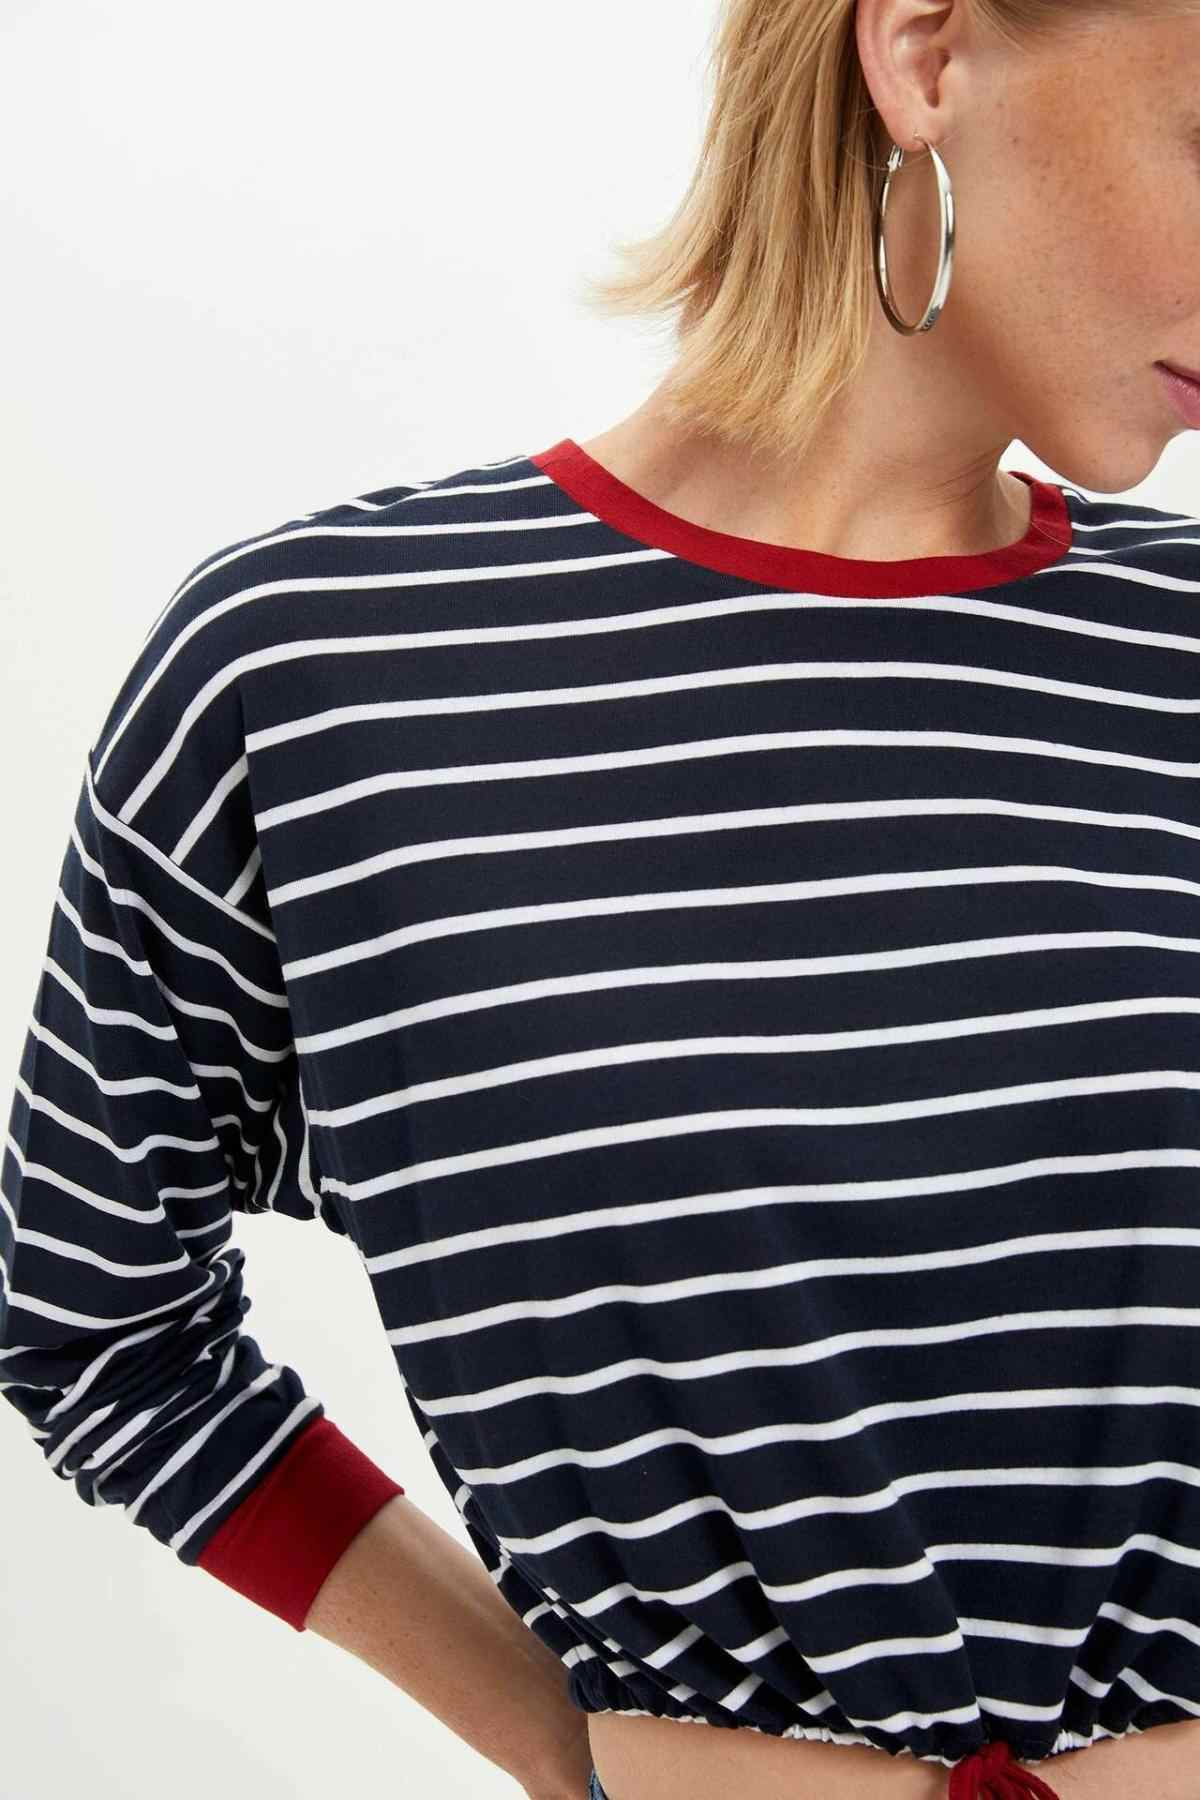 DeFacto Herfst Vrouwen Mode O-hals Gebreide Tops Vrouwelijke Lange Mouwen Gestreepte Losse T-shirt Dames Kleding Nieuwe-M0415AZ19AU